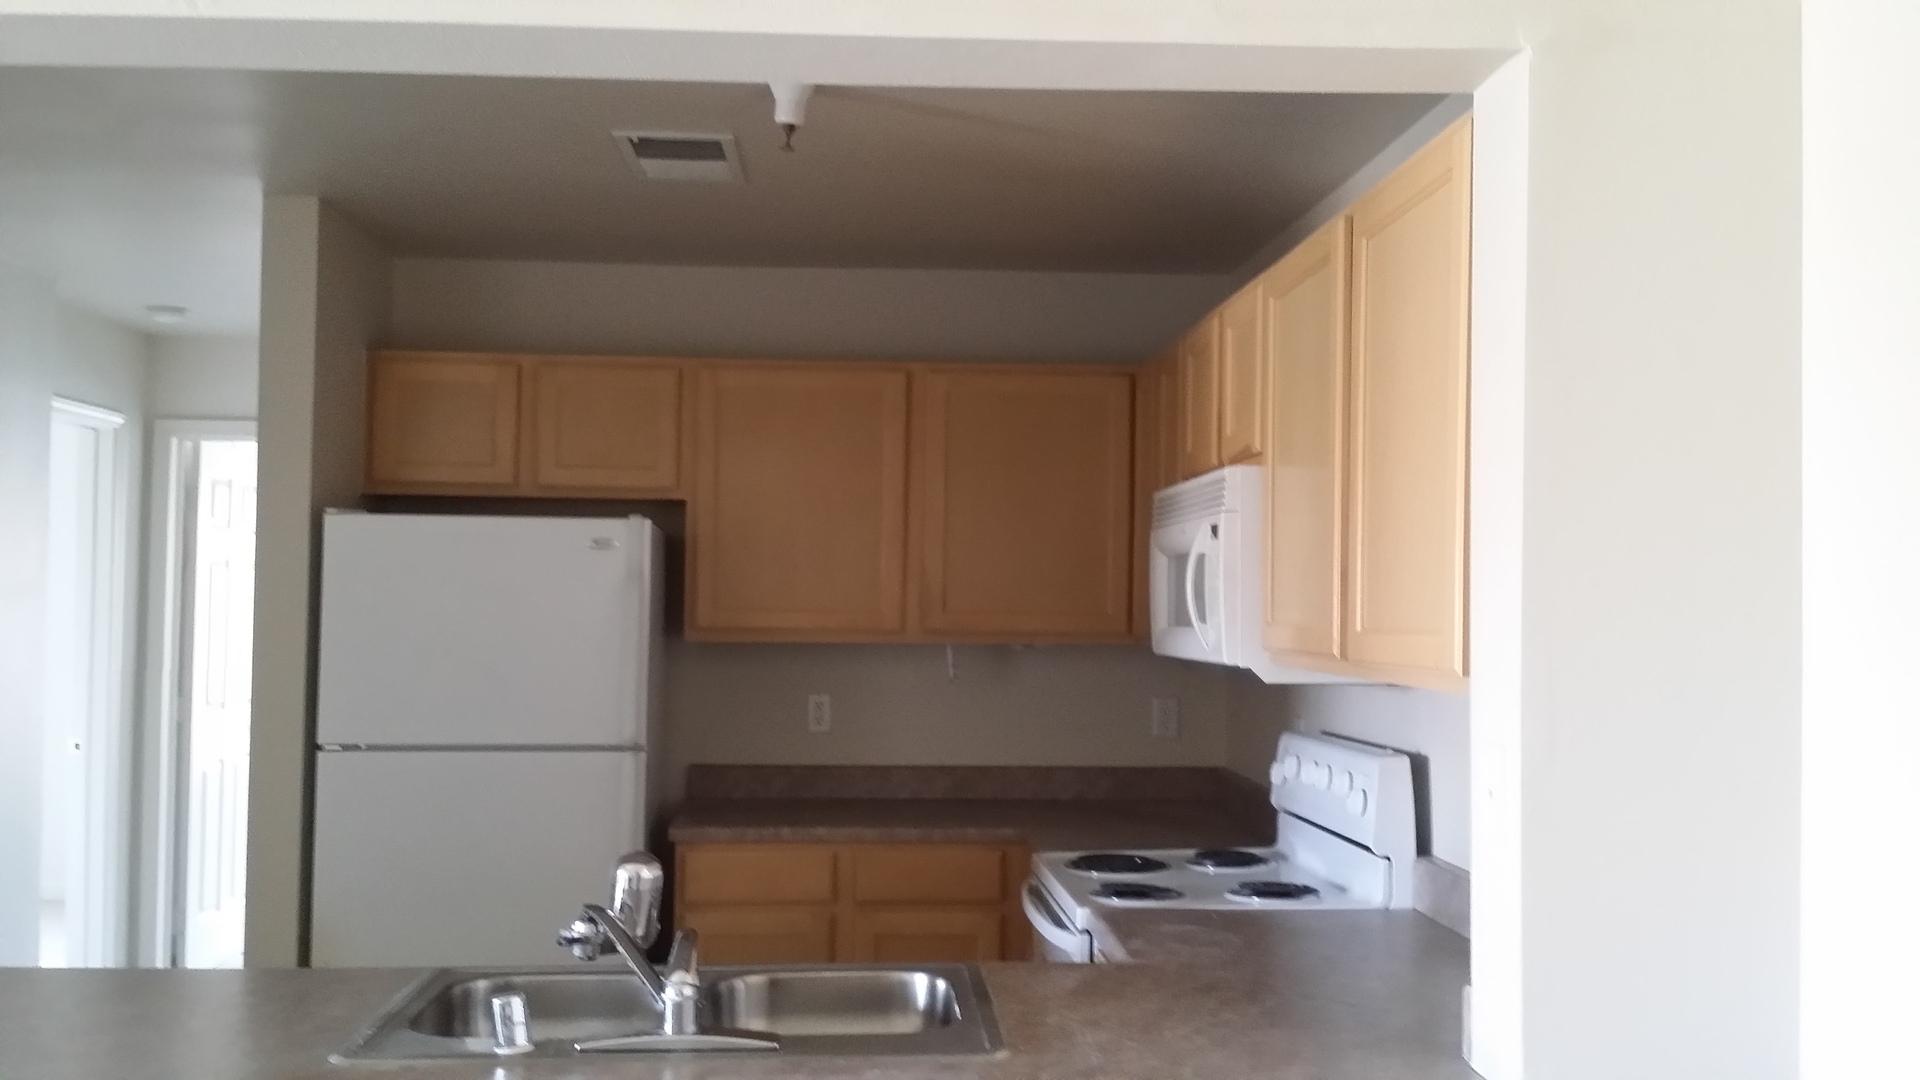 200 talus way 433 reno nv rental listing real property